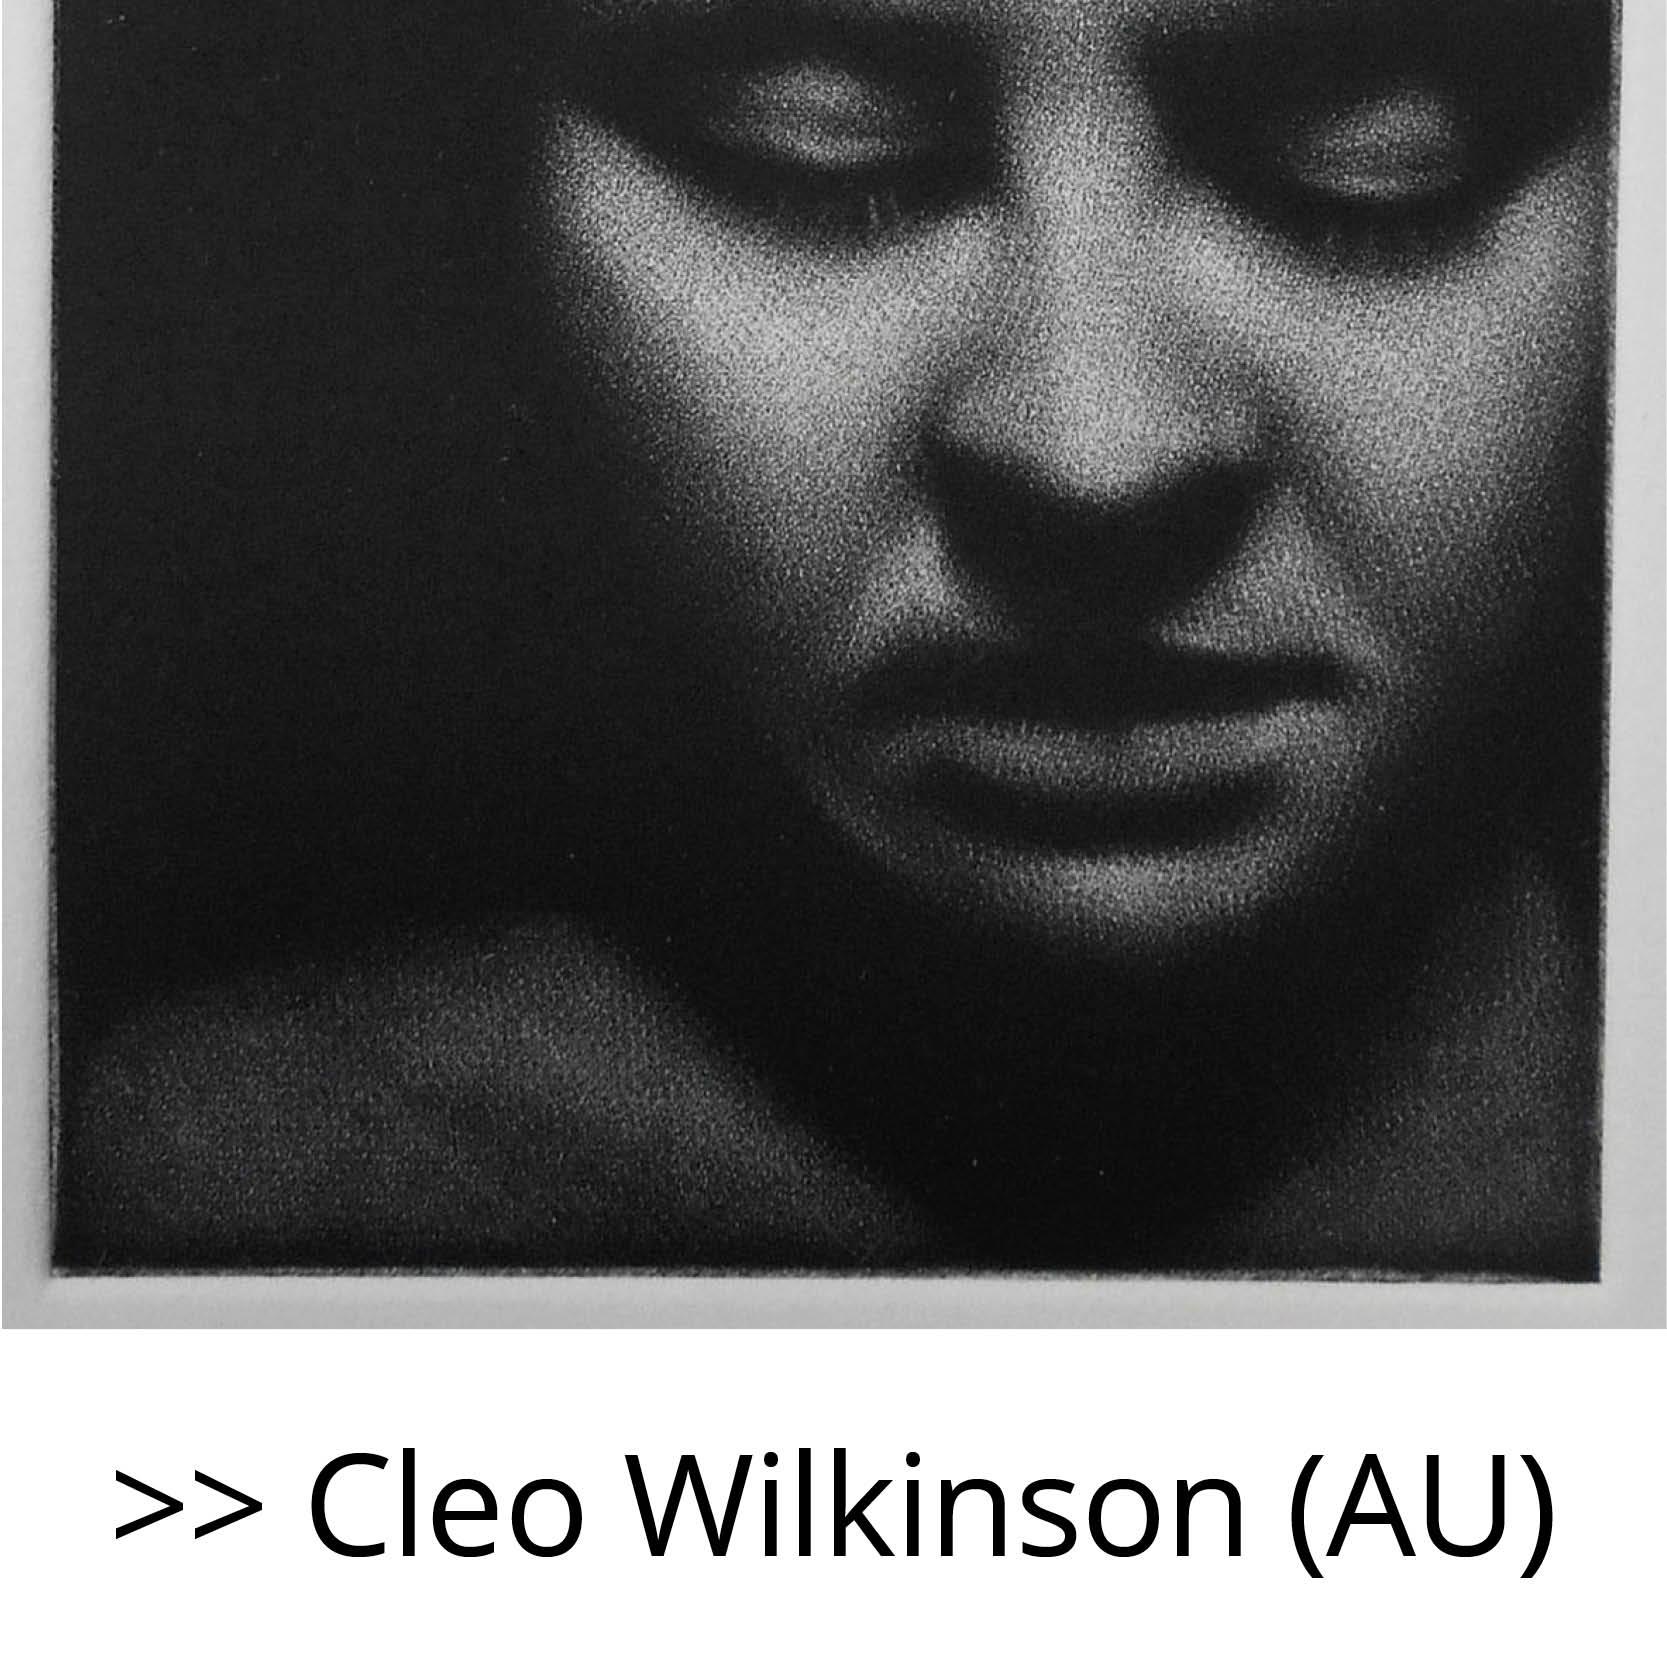 Cleo_Wilkinson_(AU)